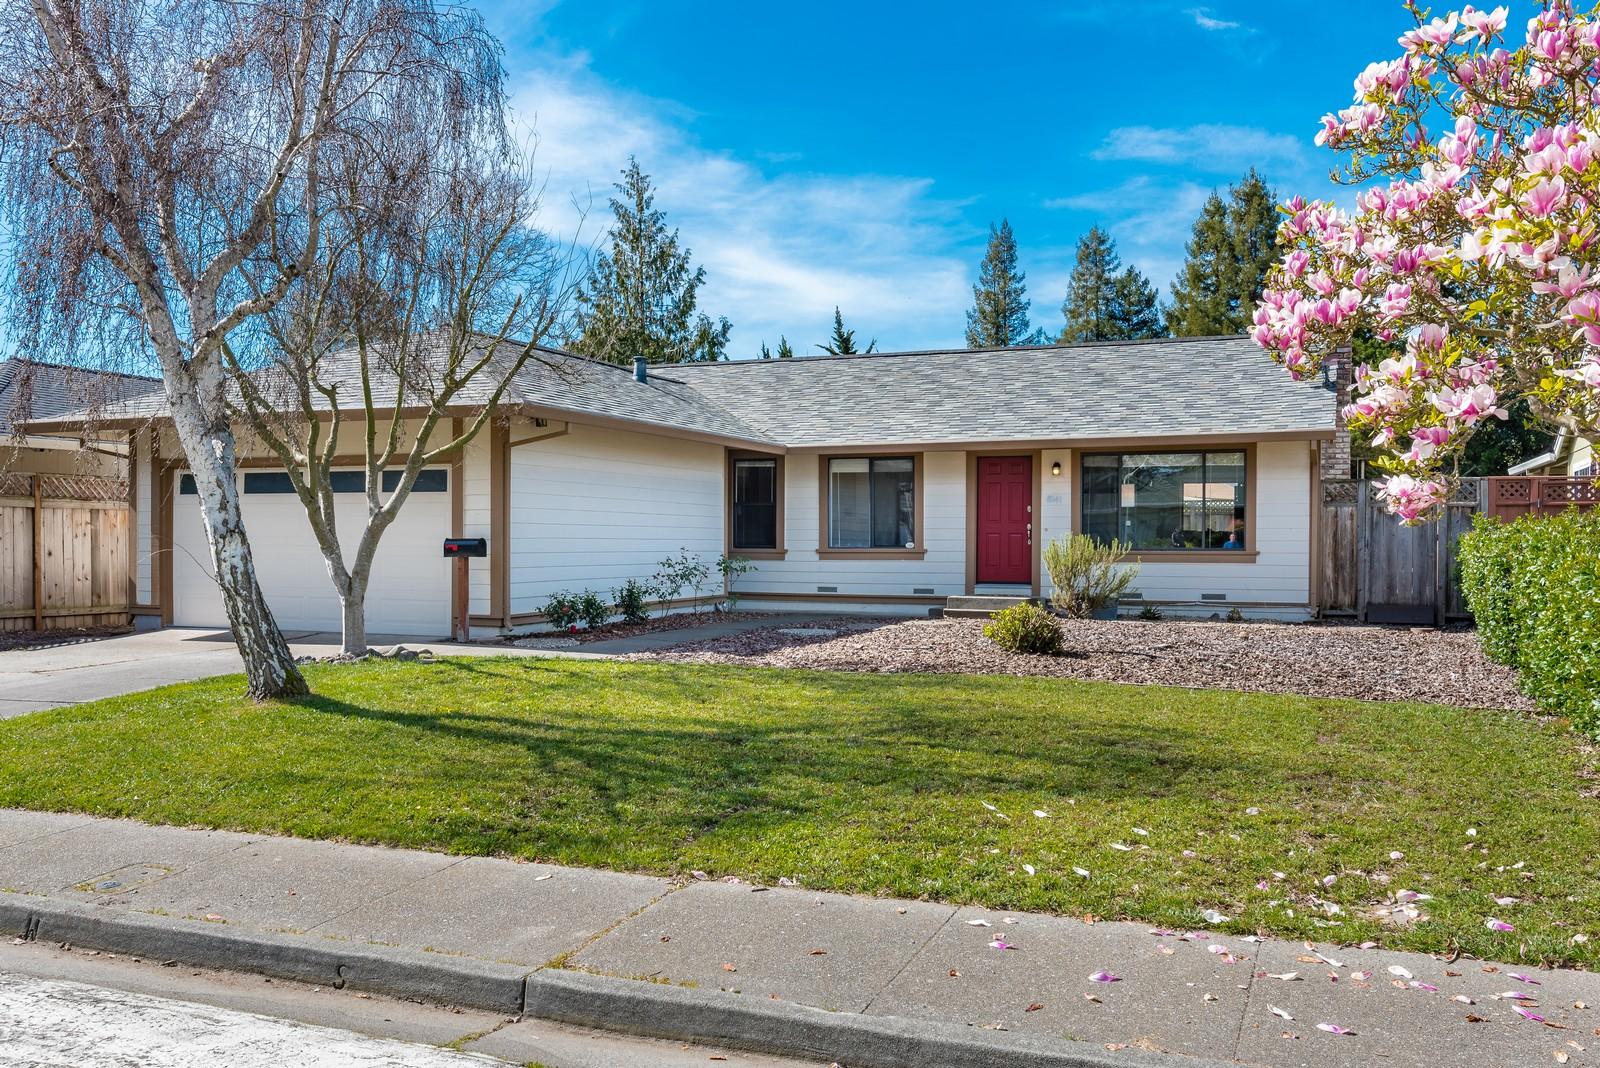 Single Family Home for Sale at Cotati Charmer 8541 Lakewood Avenue Cotati, California 94931 United States